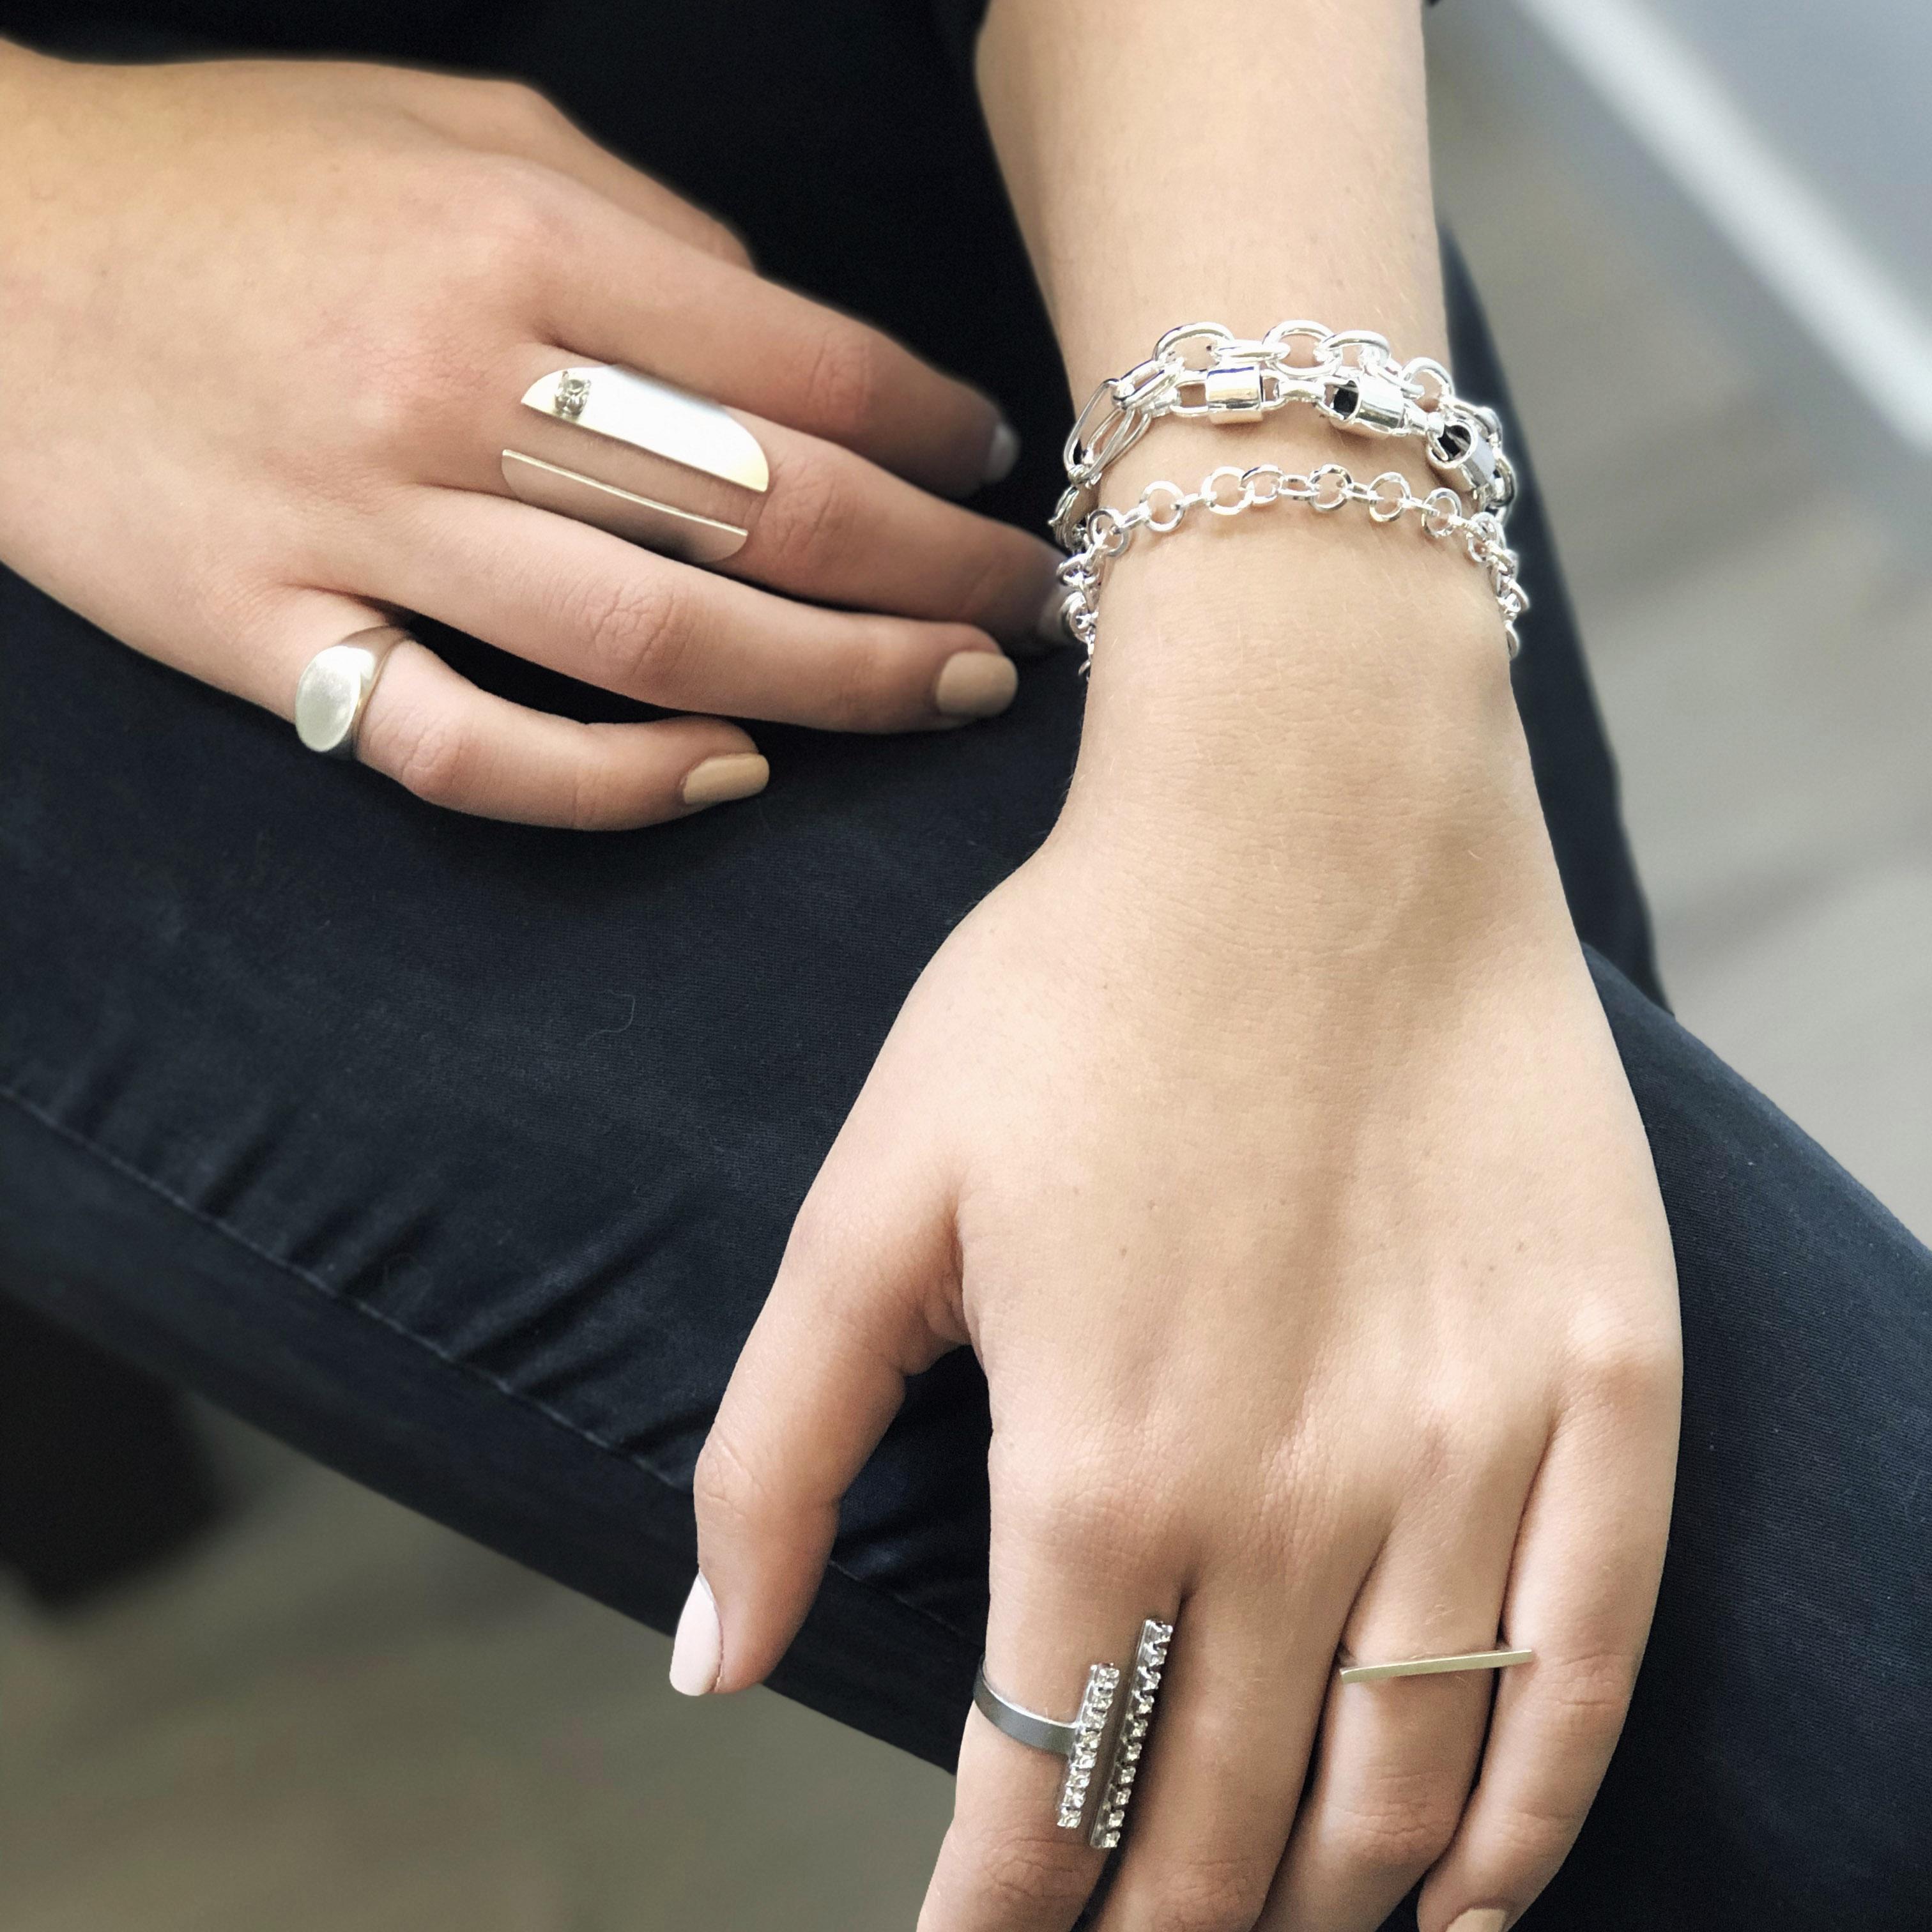 תמונה על דוגמנית, שלושה צמידי חוליות בצבע כסף. טבעת גדולה לאורך האצבע בצבע כסף בשיבוץ אבן קריסטל קטנה, טבעת חותם בצבע כסף. טבעת פתוחה בצבע כסף עם שני מקלות לאורך משובצים באבני קריסטל קטנות. טבעת כסף דקה מקל לרוחב.